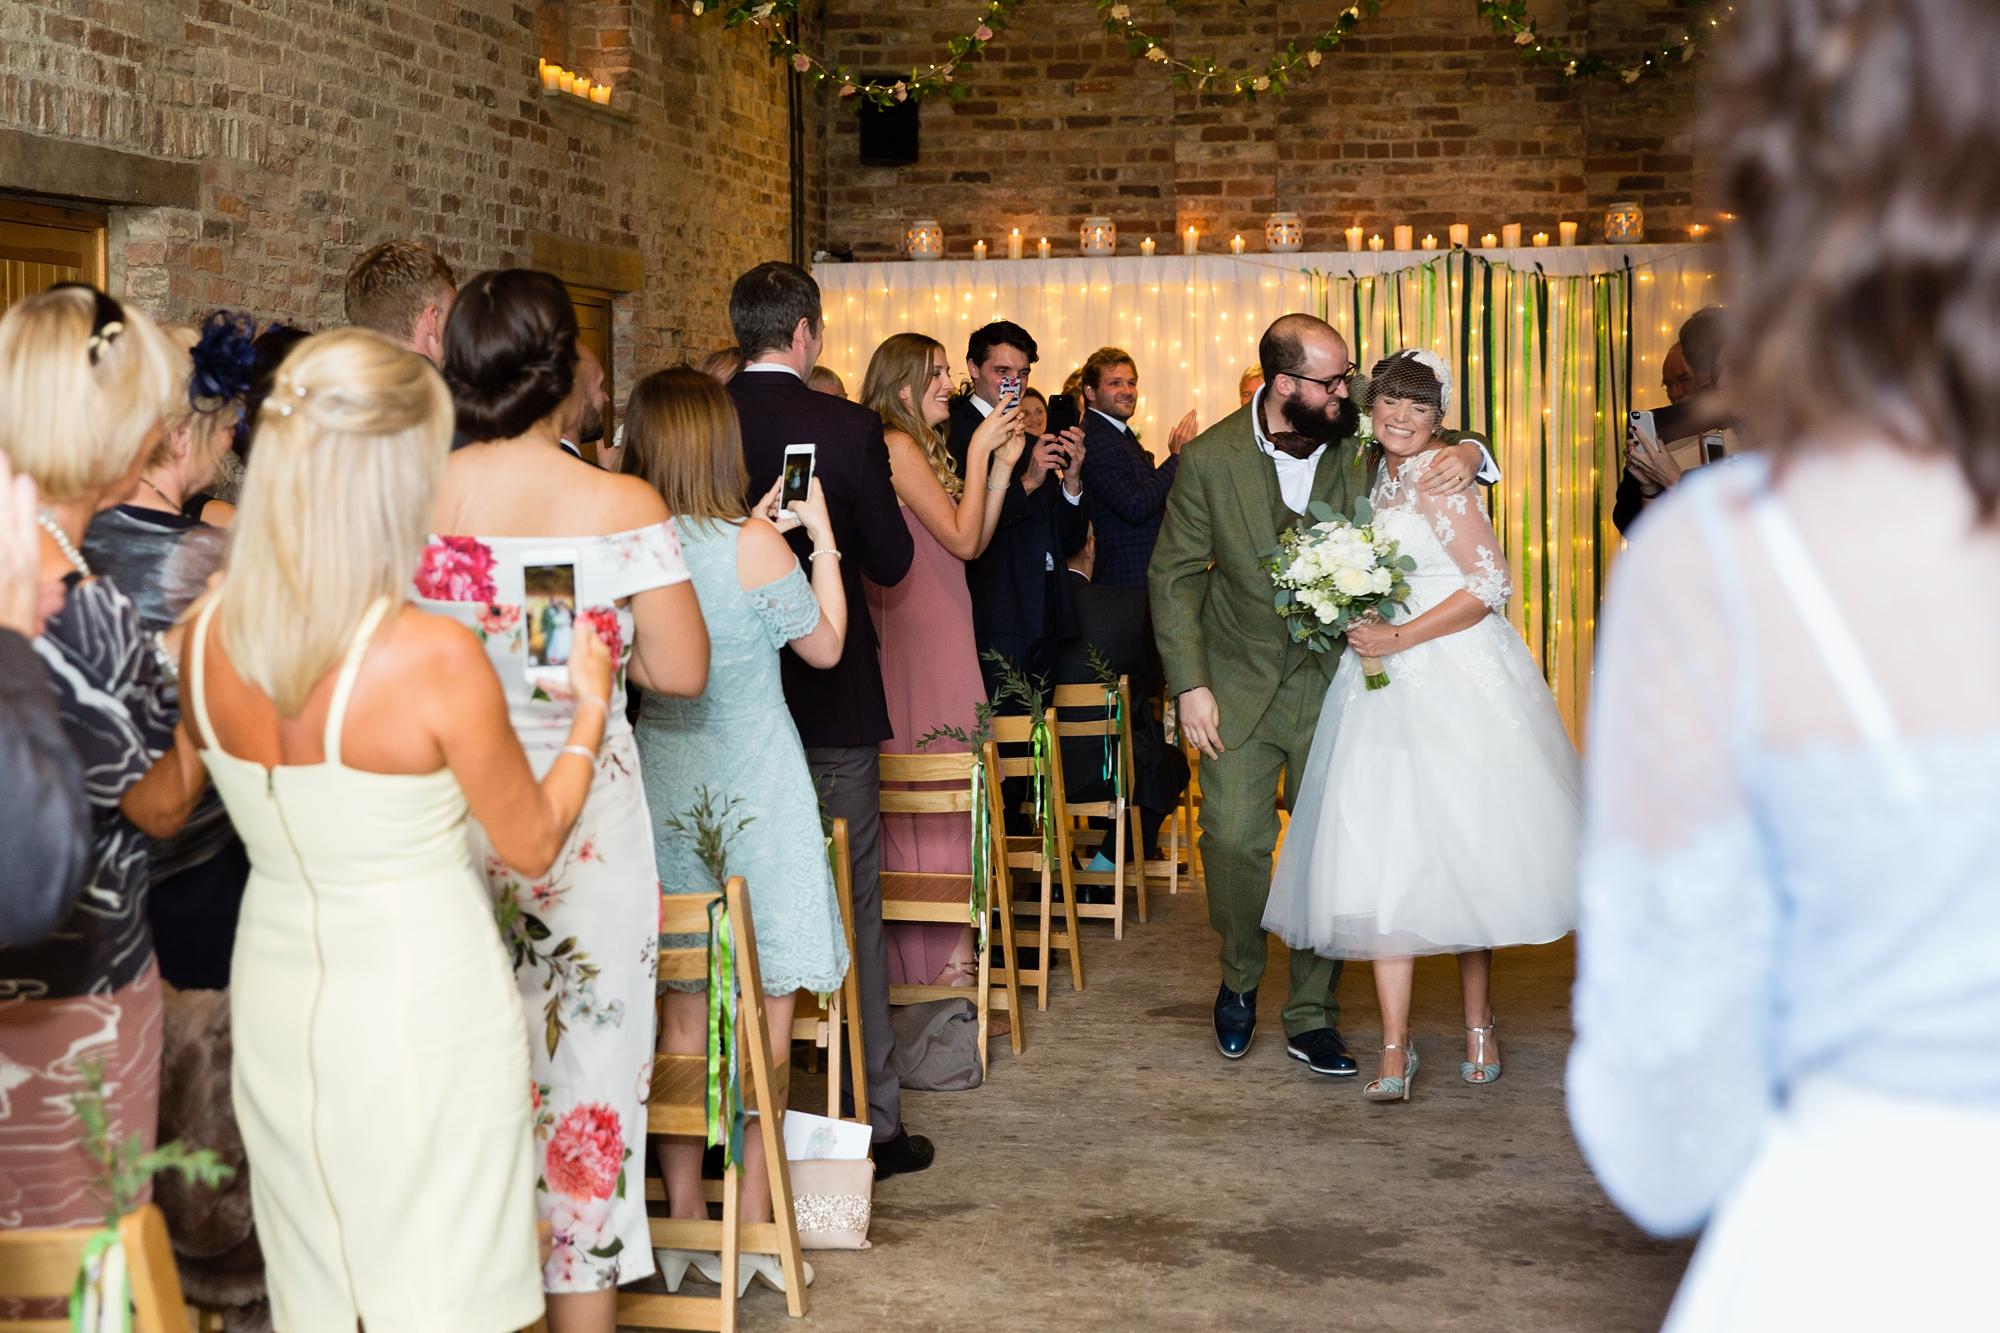 York Wedding Photography at Barmbyfield Barns walking back up the aisle